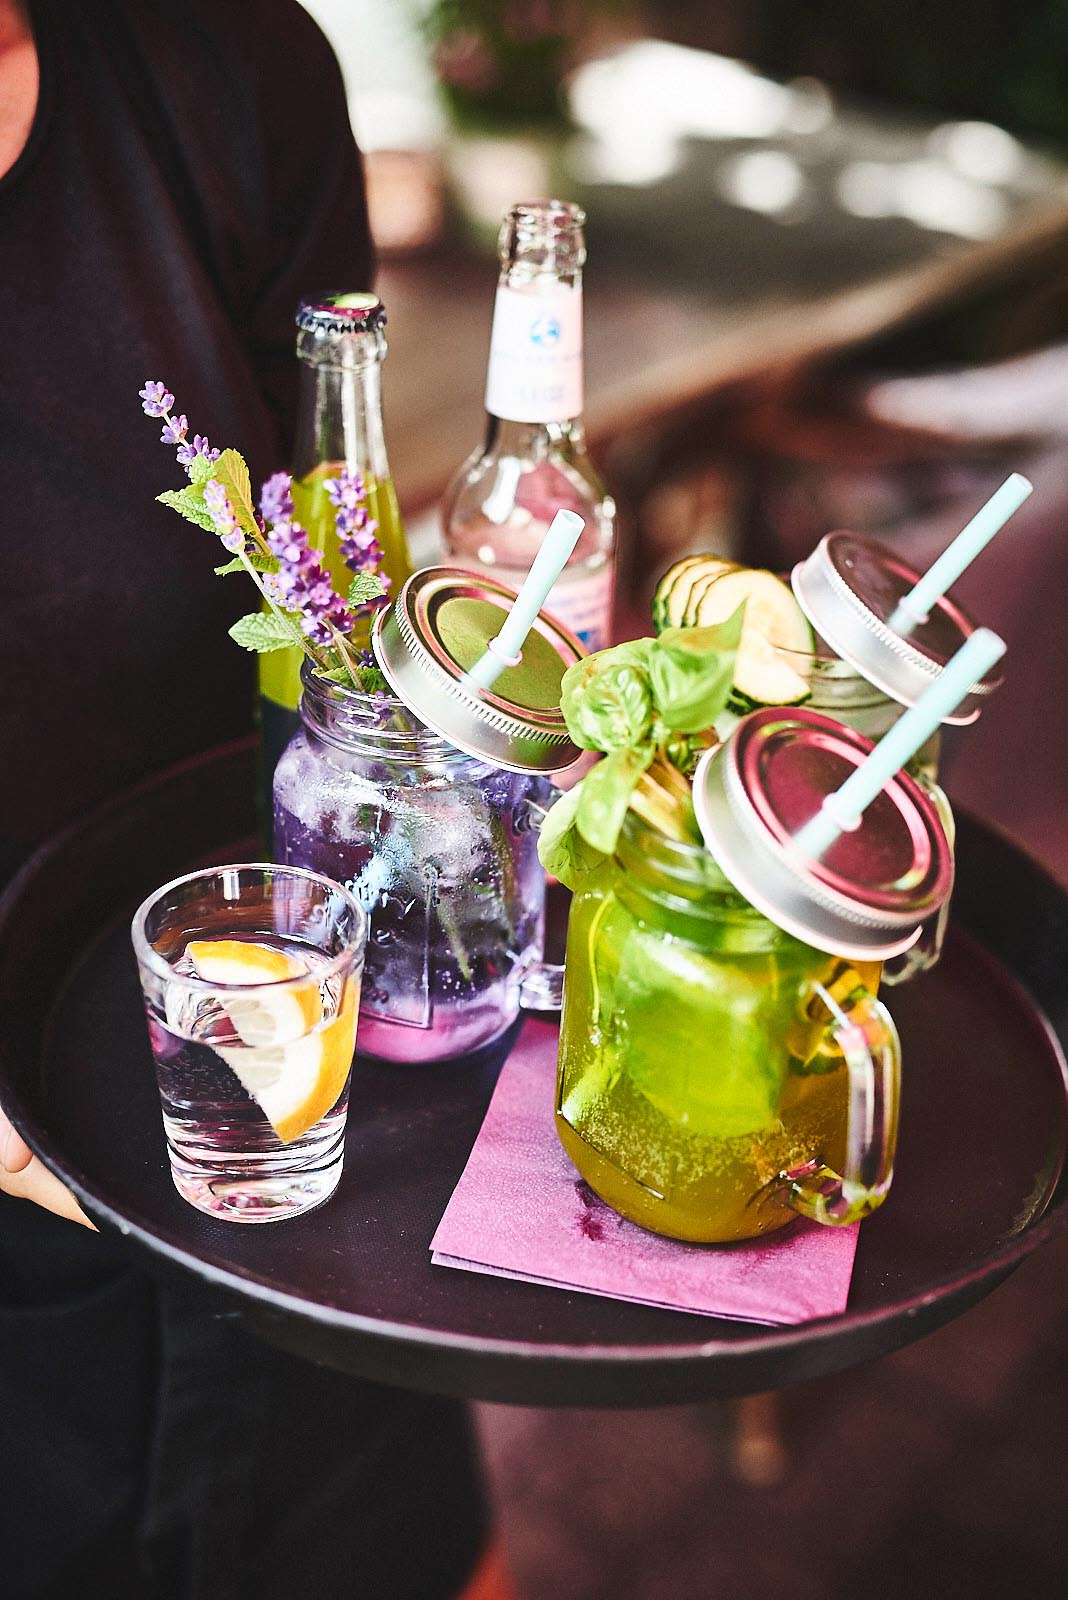 Liebevoll dekorierte Getränke und Limonaden auf Tablett im Cafe Pfefferminzje in Koblenz - Foodfotografie von Anna Schneider neon fotografie